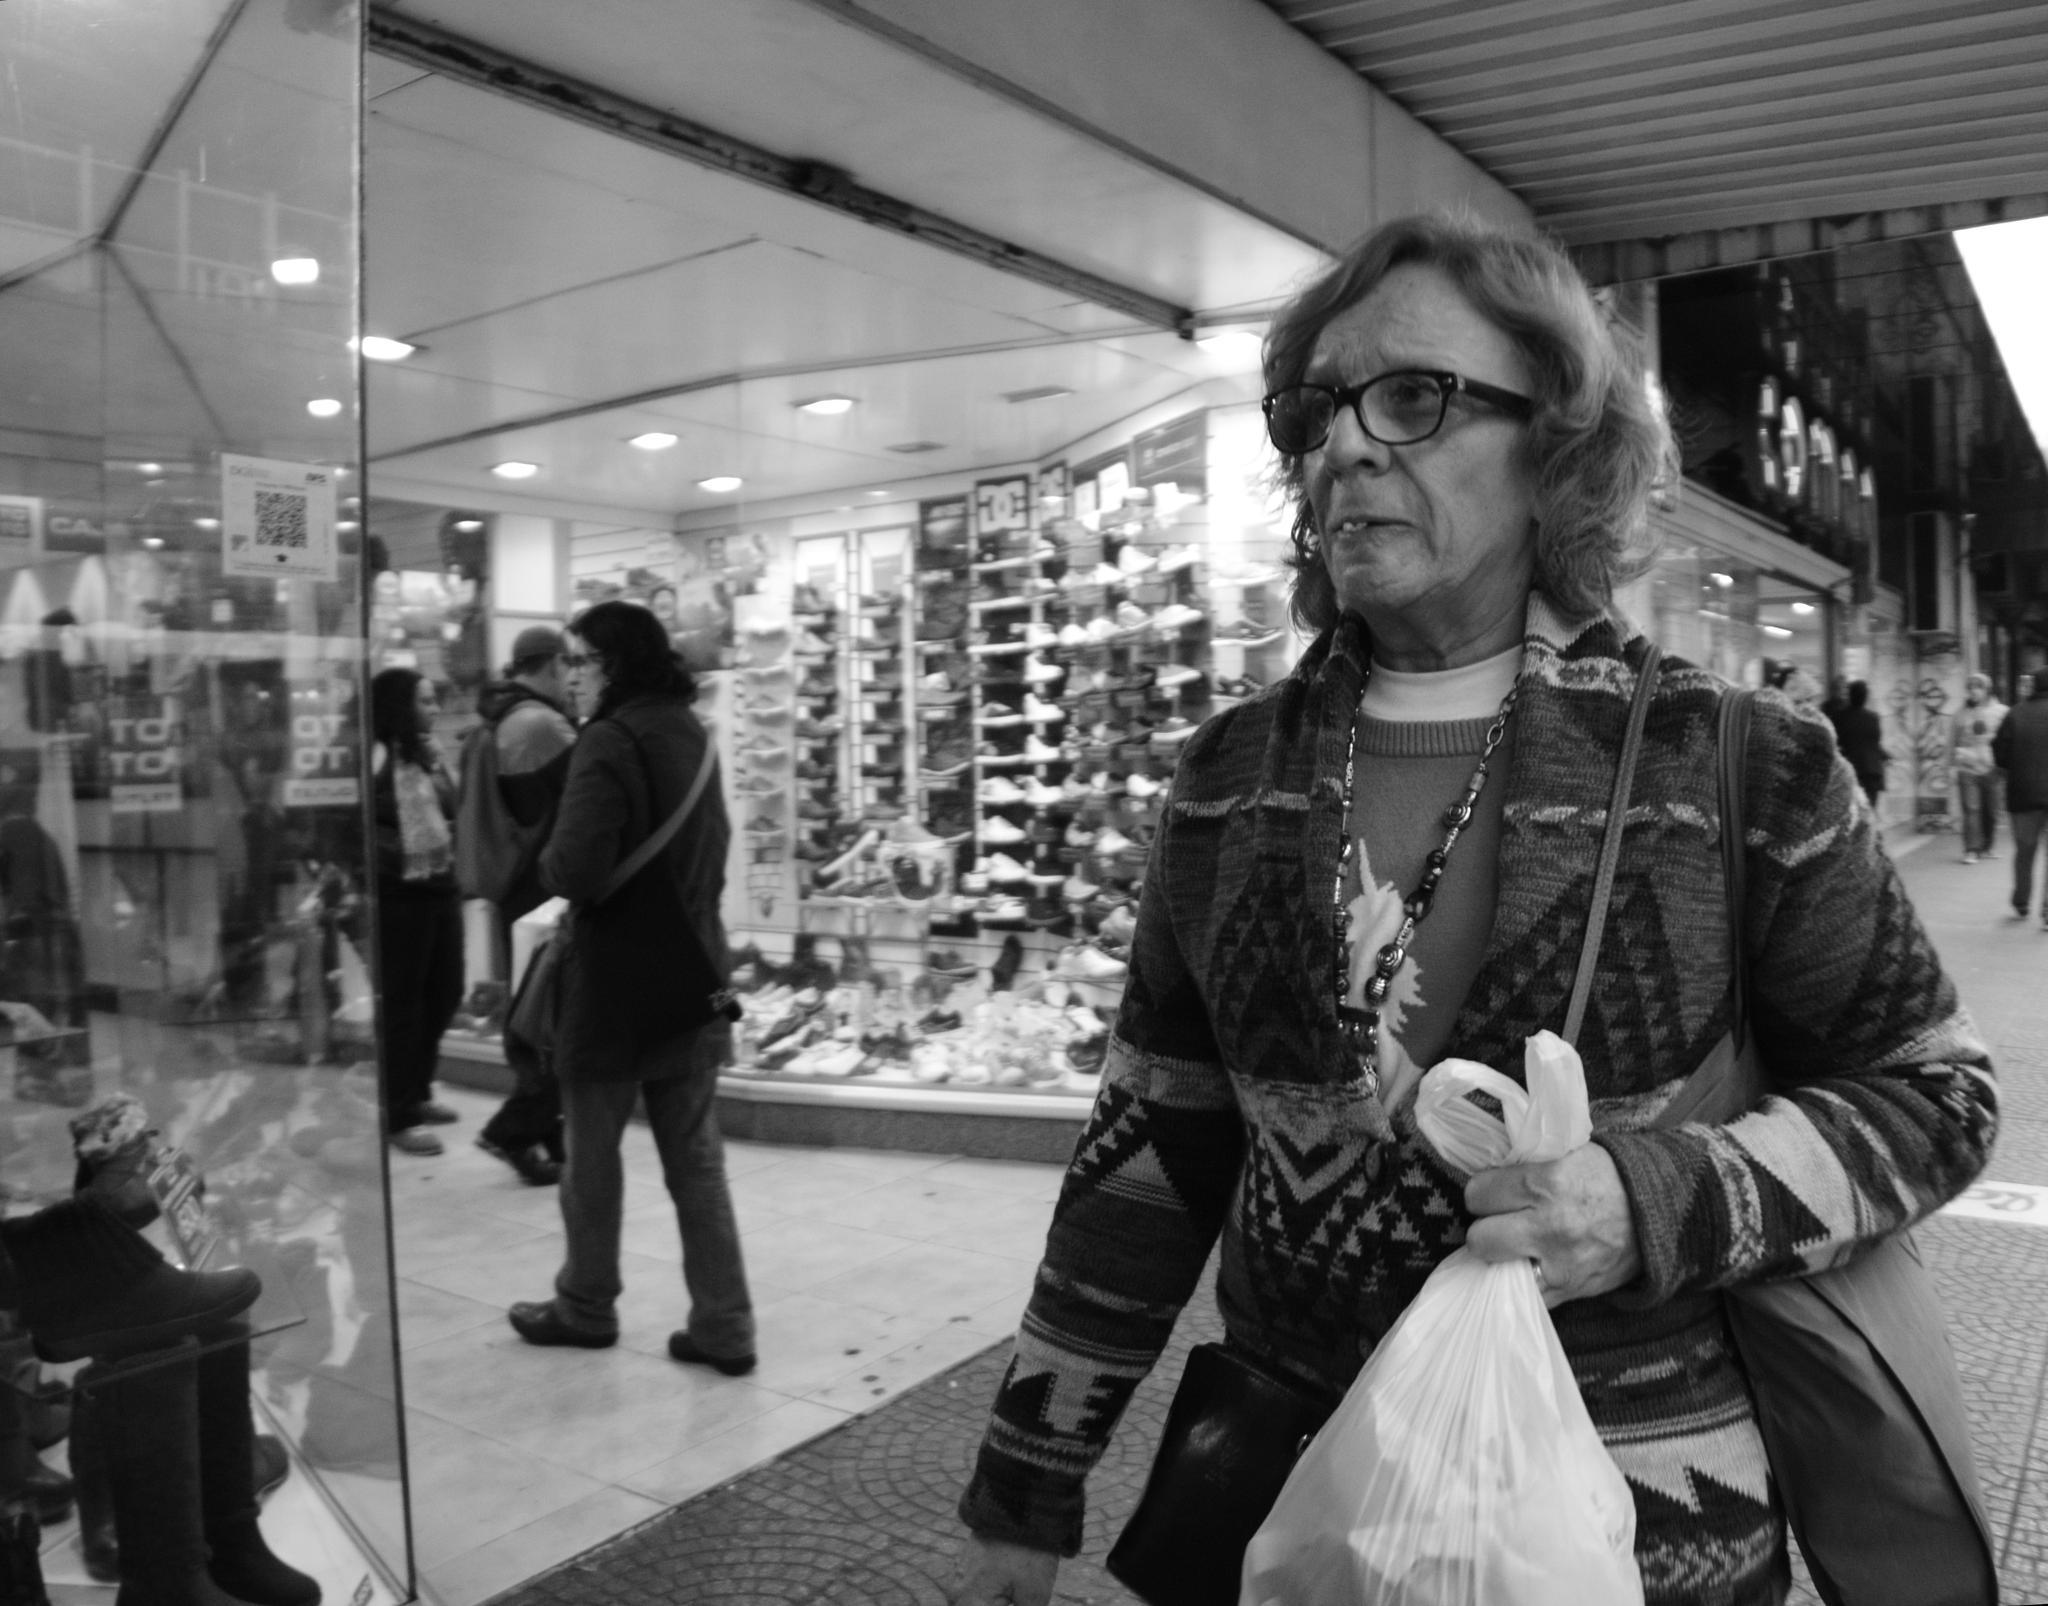 Vecina de compras by Daniel Guillermo